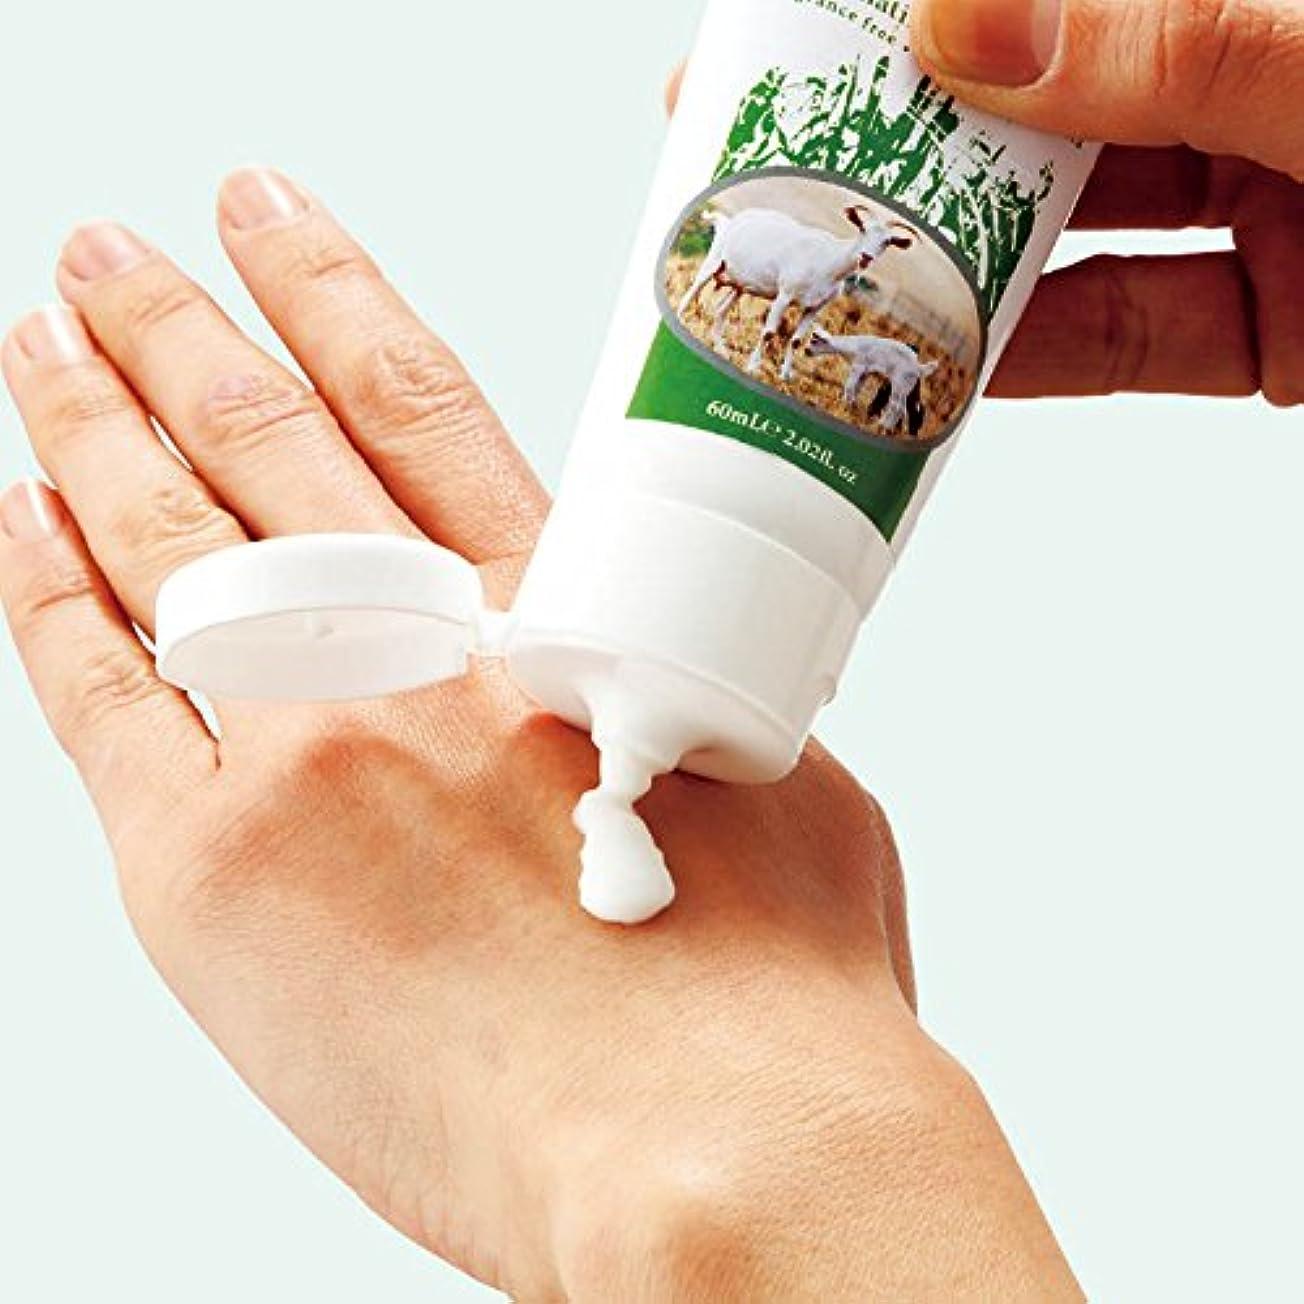 レンズ勝利した侮辱オーストラリア 土産 ティリー ゴートミルク ハンドクリーム 3本セット (海外旅行 オーストラリア お土産)